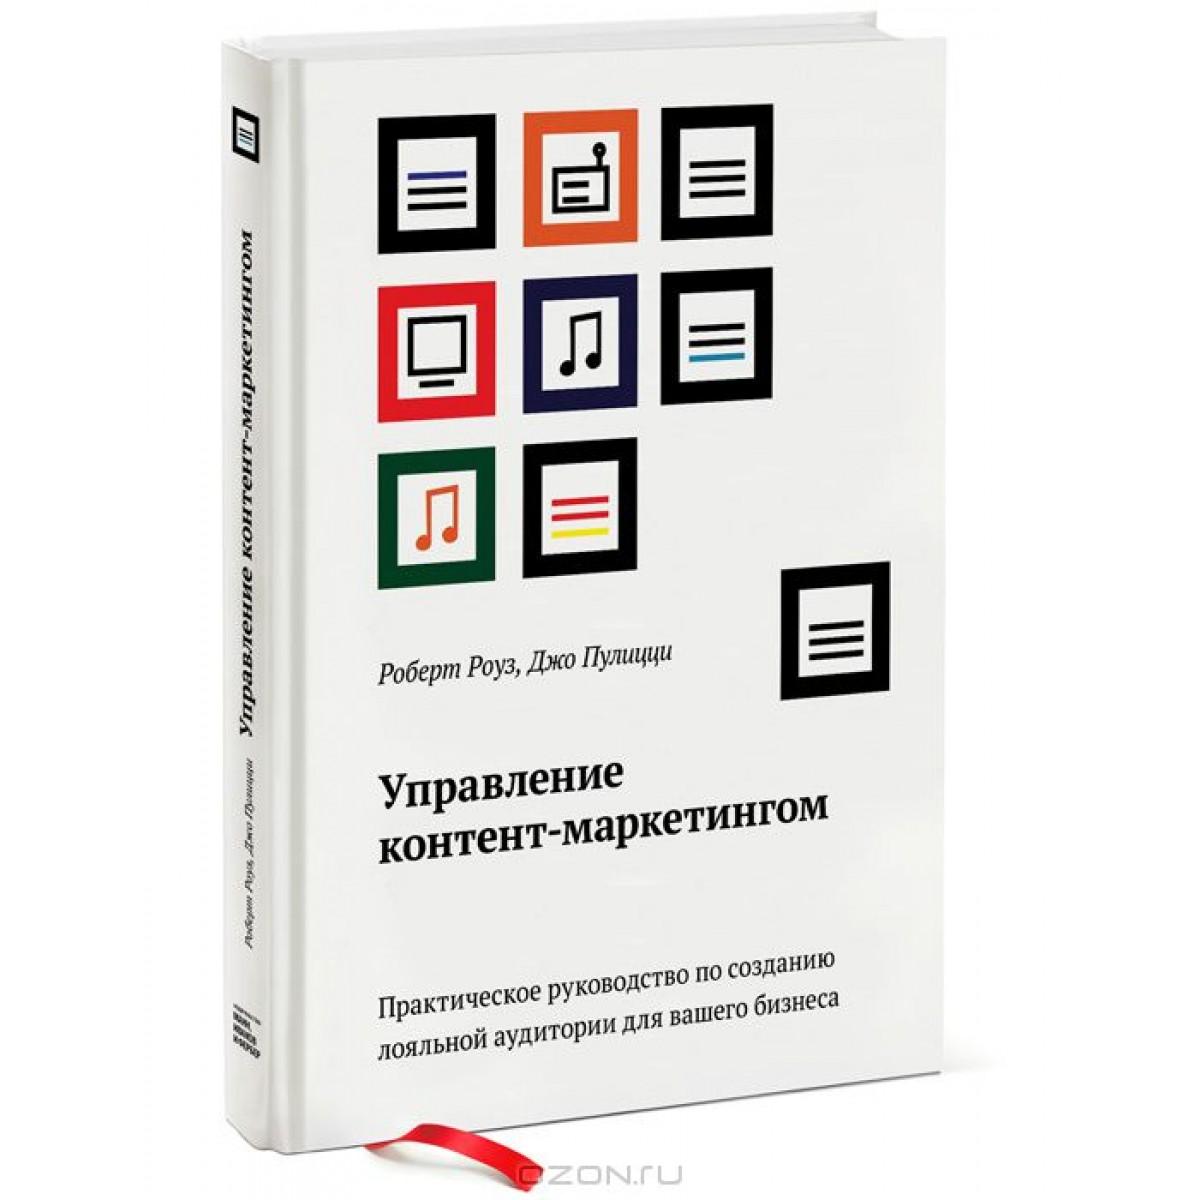 «Управление контент-маркетингом» была написана в соавторстве с другим известным маркетологом — Робертом Роузом